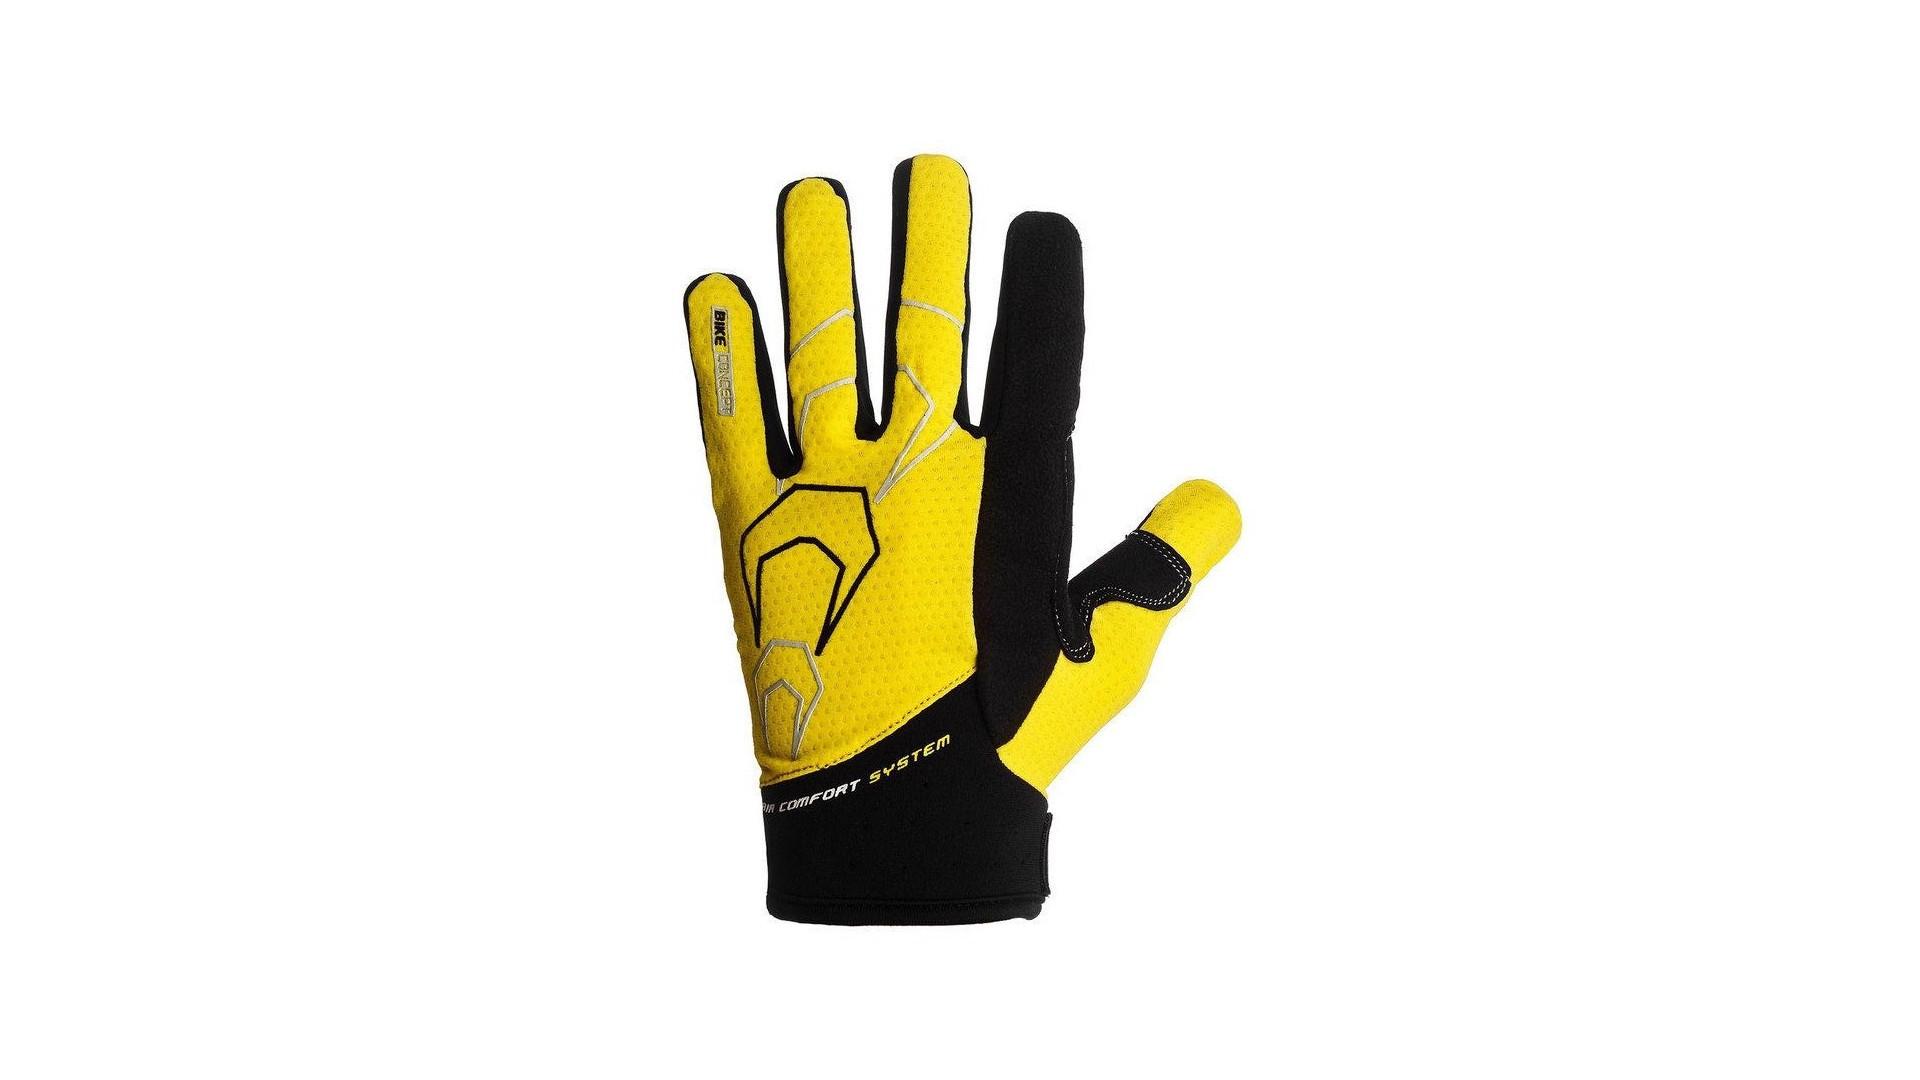 Велоперчатки PowerPlay 6556 летние длинный палец желто-черные фото2